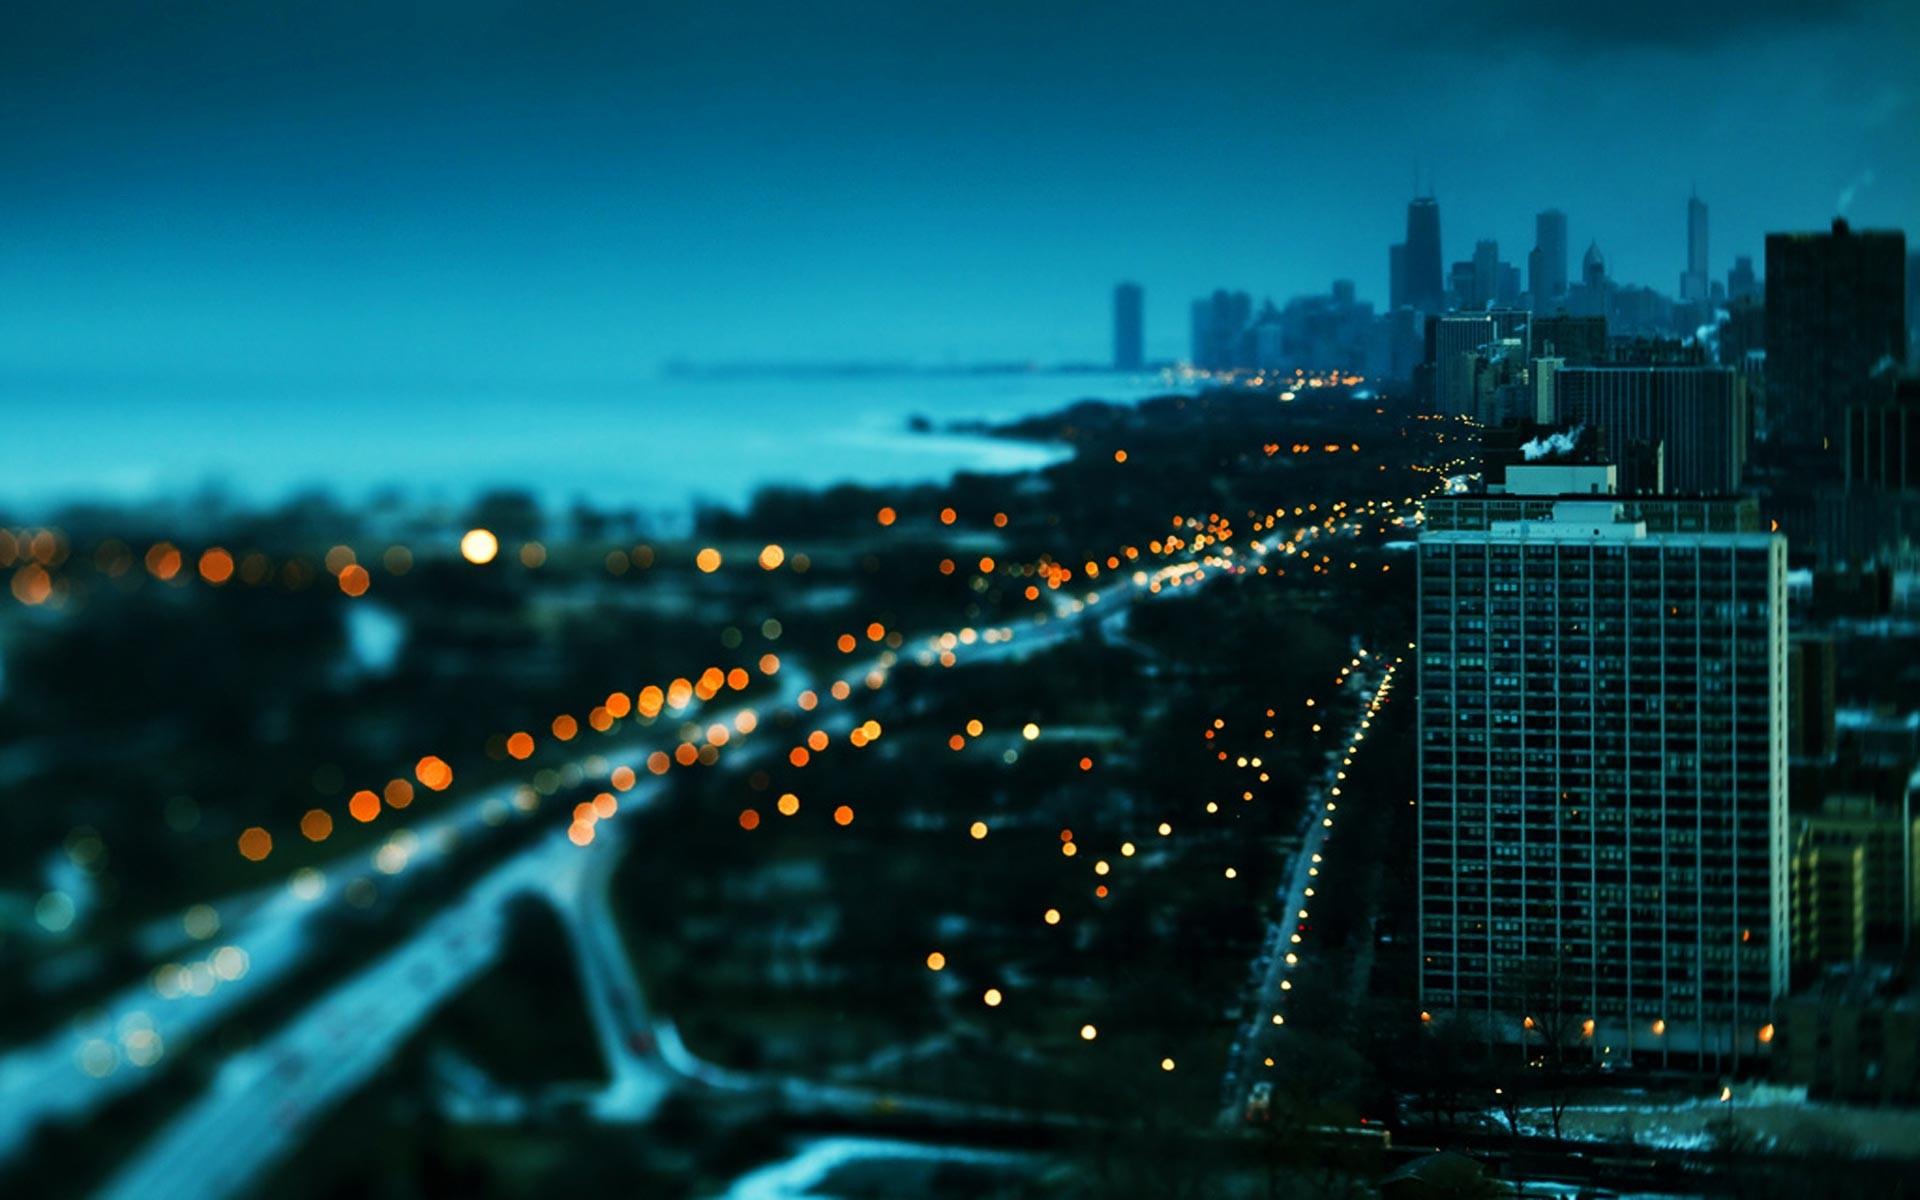 City At Night Wallpaper Free HD